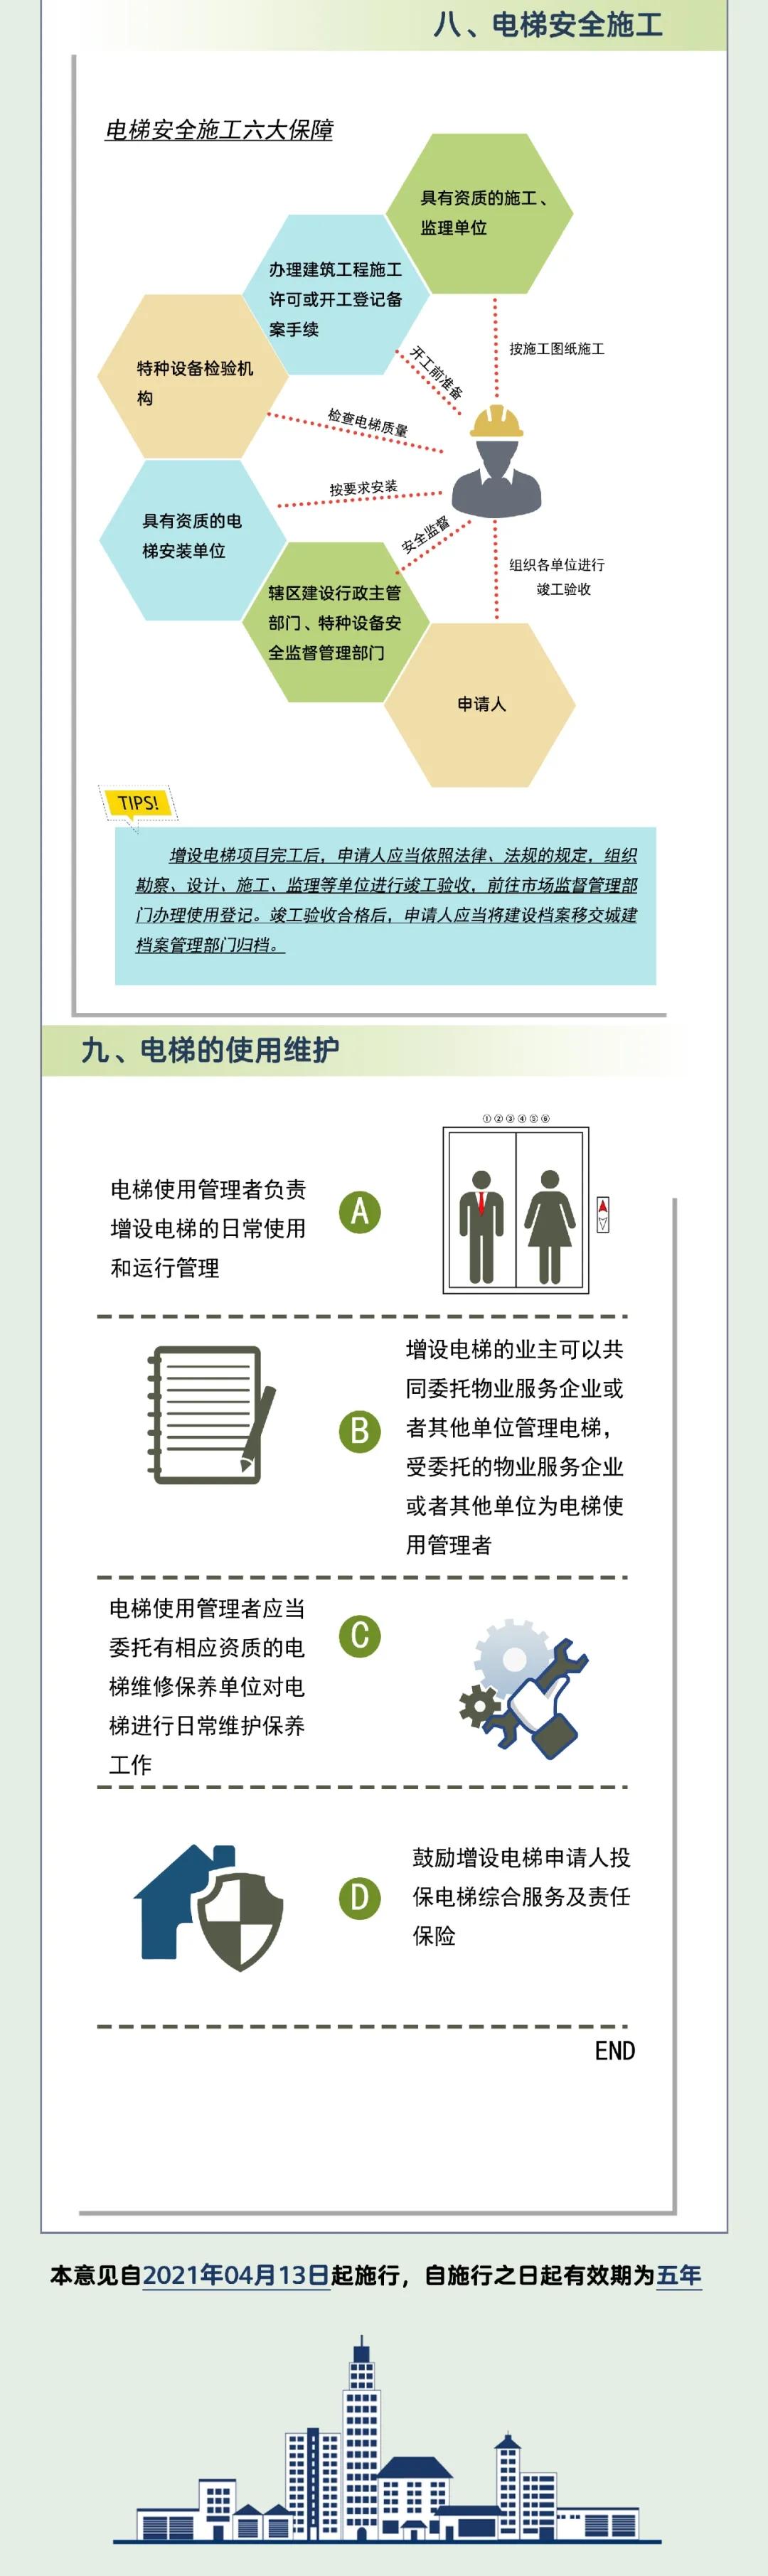 图解4.webp.jpg